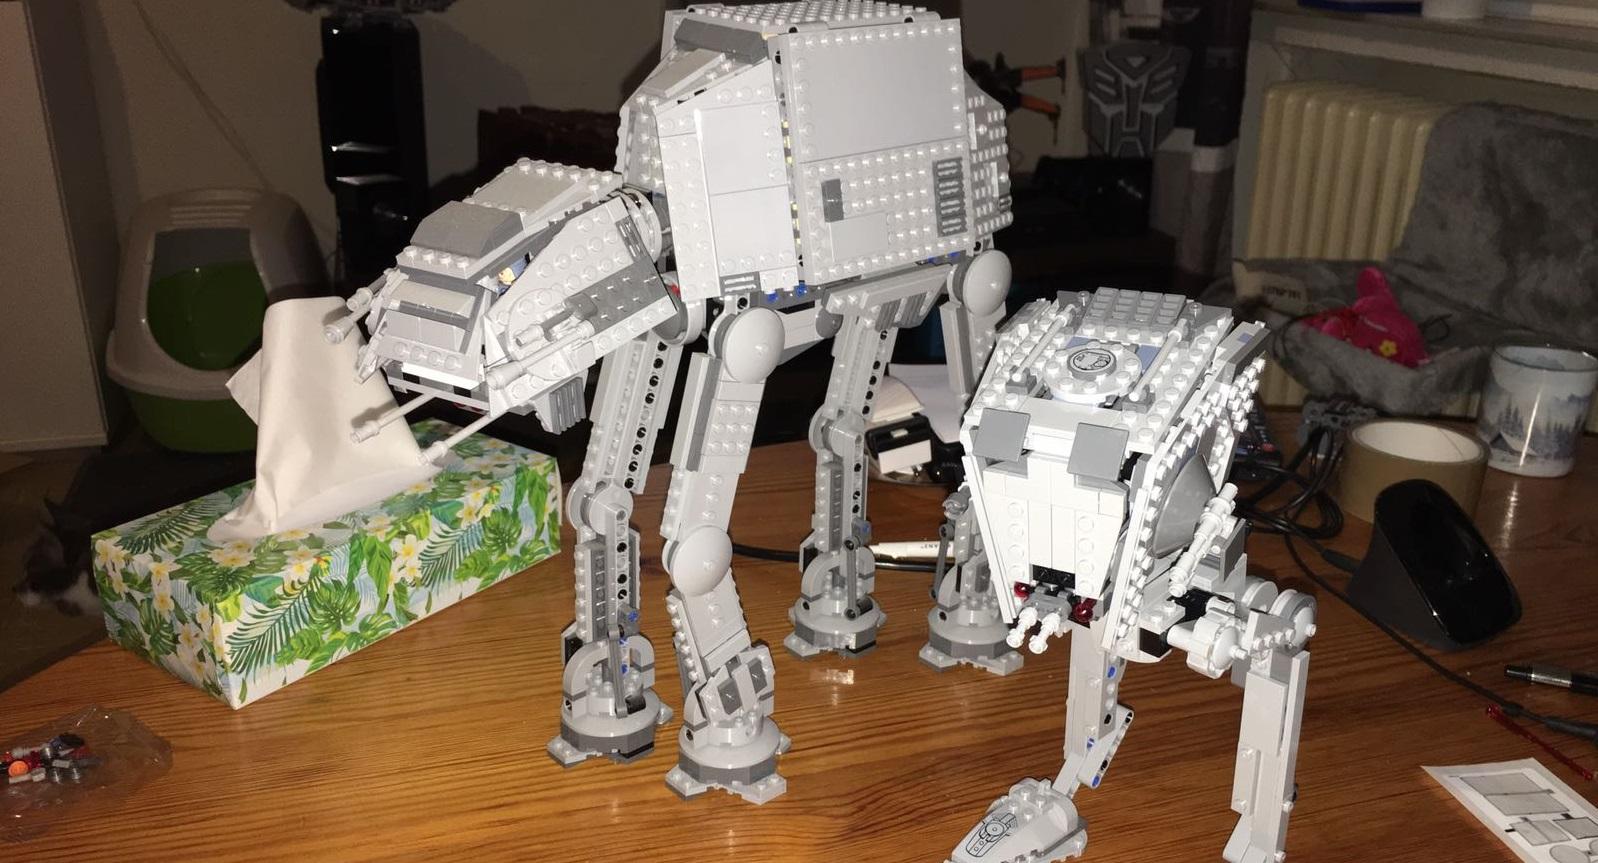 #shortcut: Live-Bilder vom neuen LEGO Star Wars 75153 AT-ST